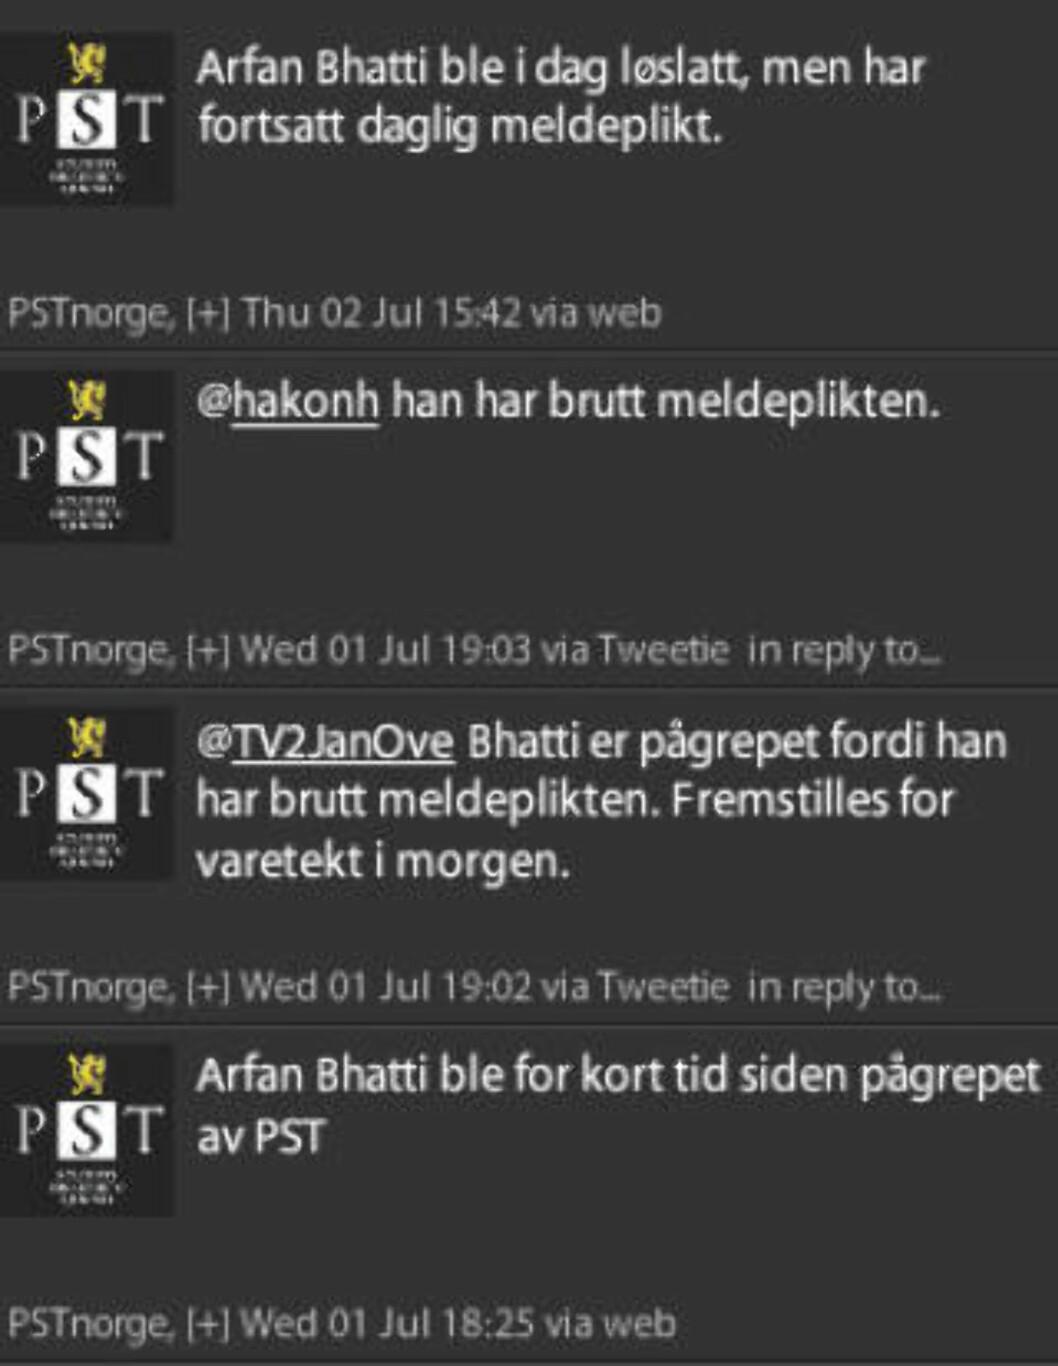 <strong>HER ER TWITTER-FEEDEN:</strong>  Slik så det ut da PST opplyste at Bhatti var pågreoet, klokken 18:25 i går. Pågripelsen skal ha skjedd mellom klokken 18 og 18:30.